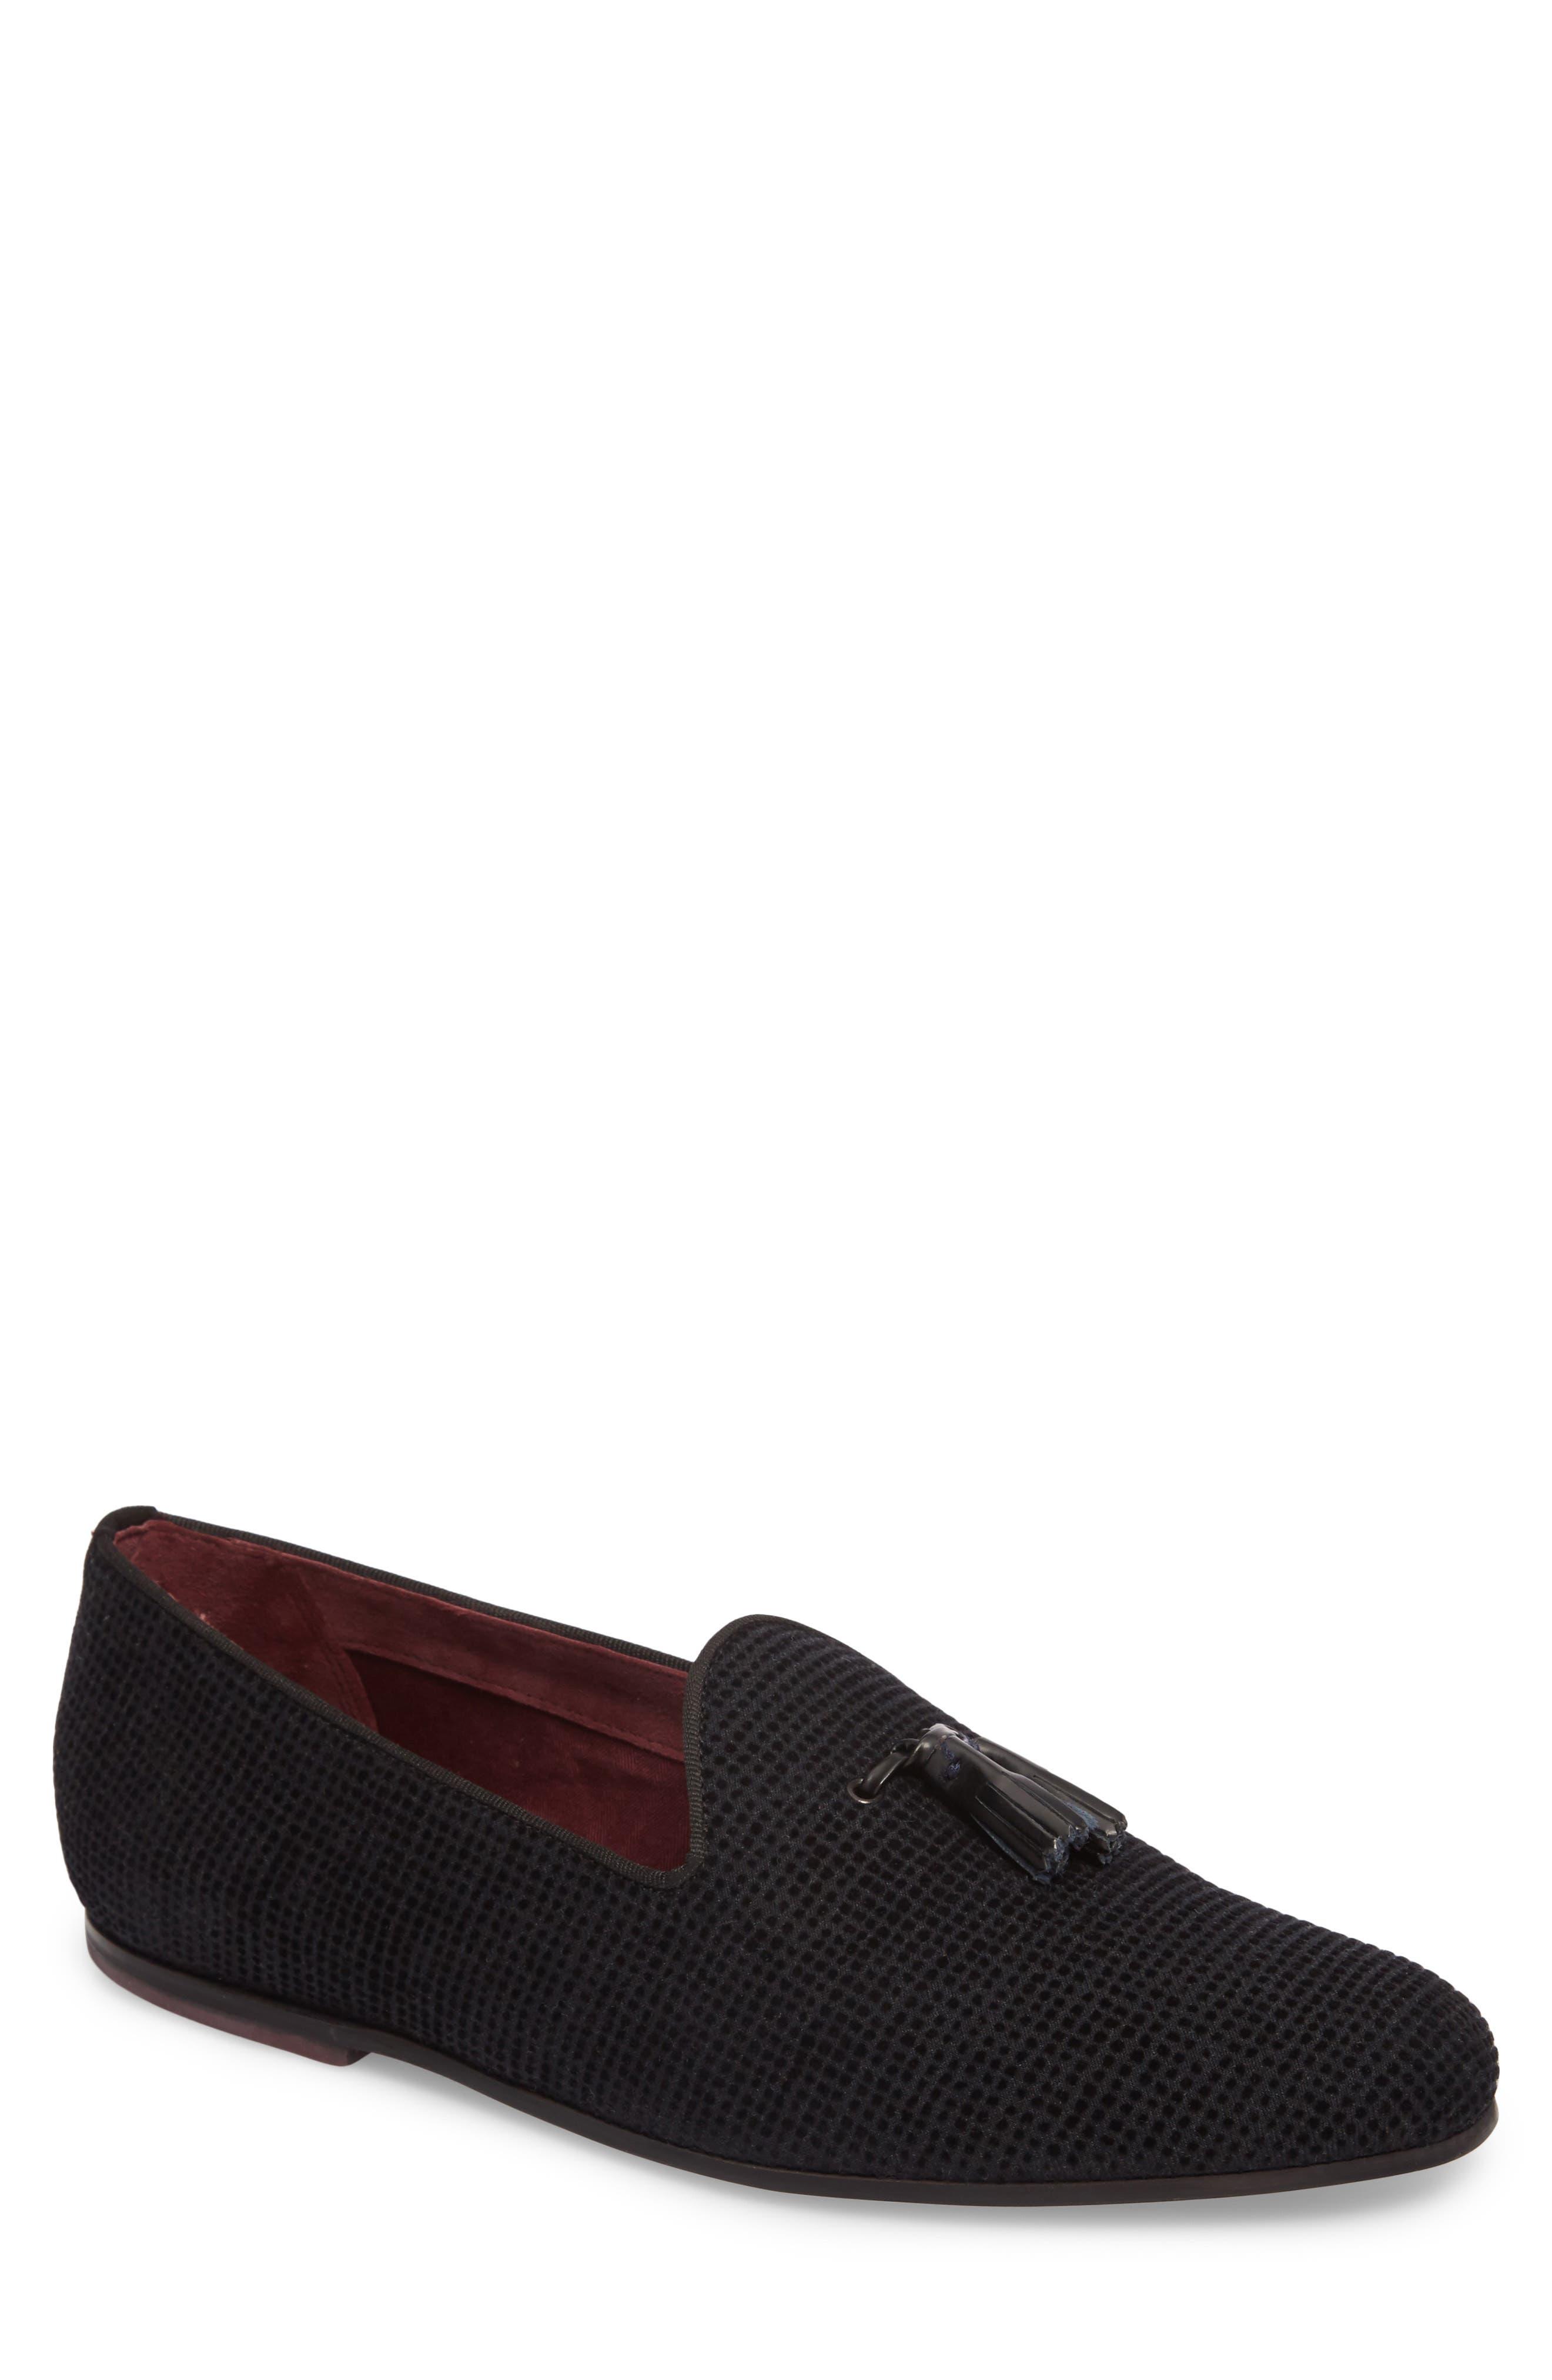 Vardah Tassel Loafer,                         Main,                         color, 014